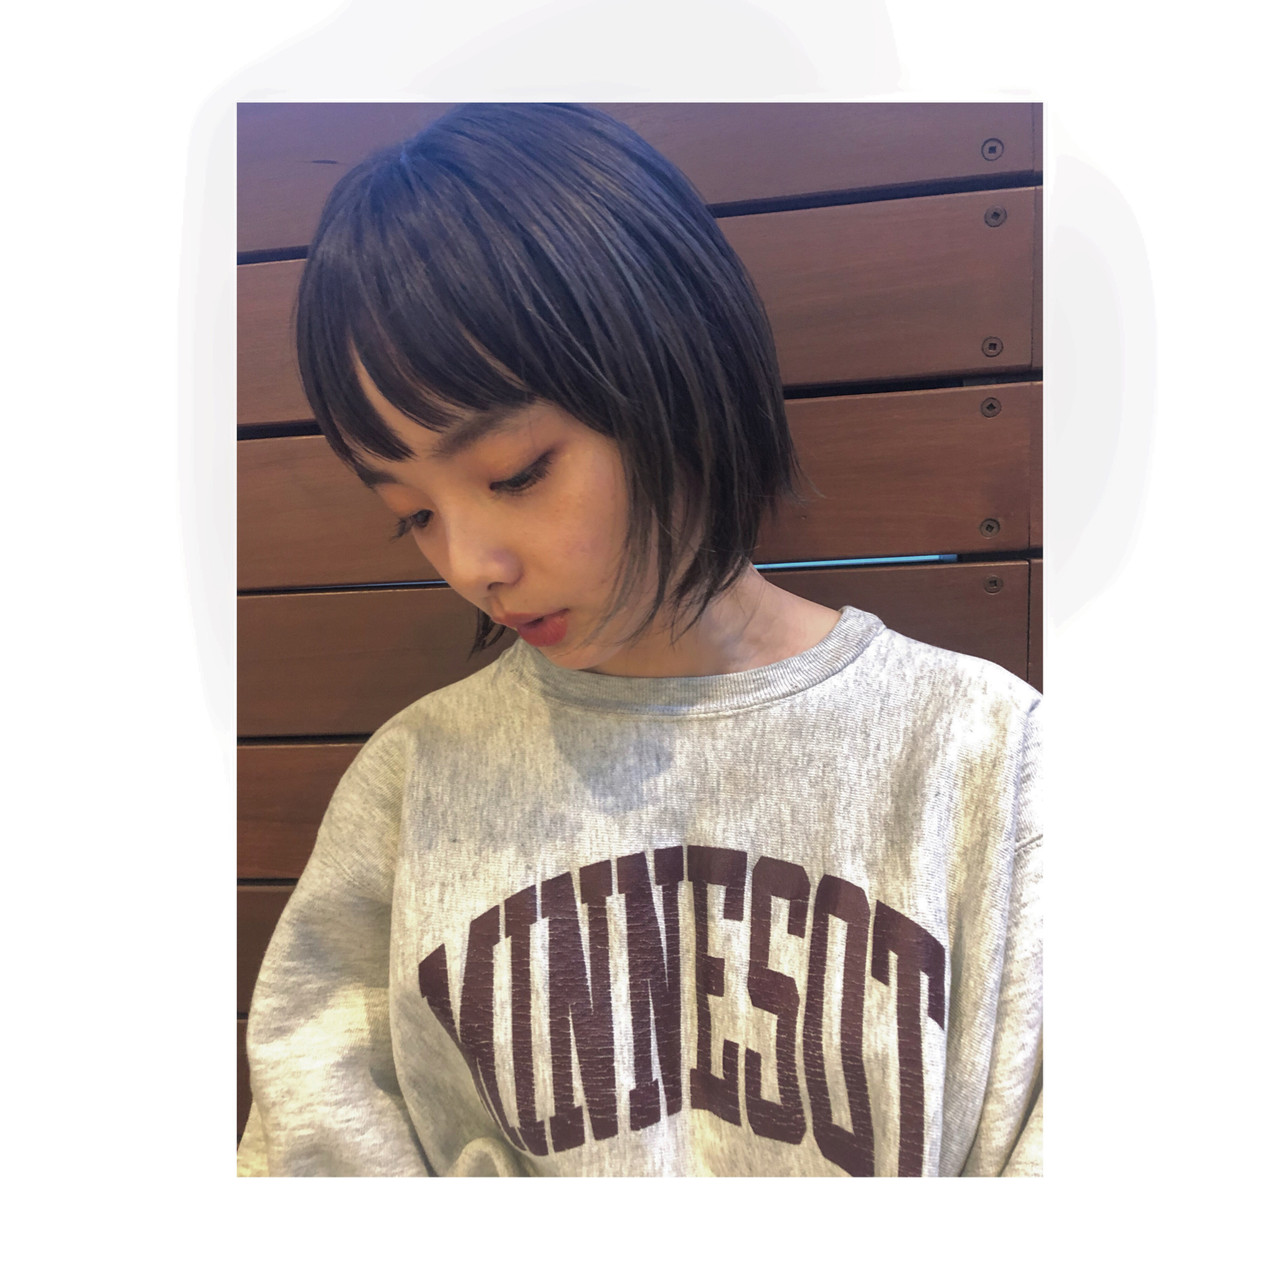 前髪パッツン 切りっぱなしボブ ミニボブ ボブ ヘアスタイルや髪型の写真・画像 | 百瀬優 / kakimoto arms aoyama店